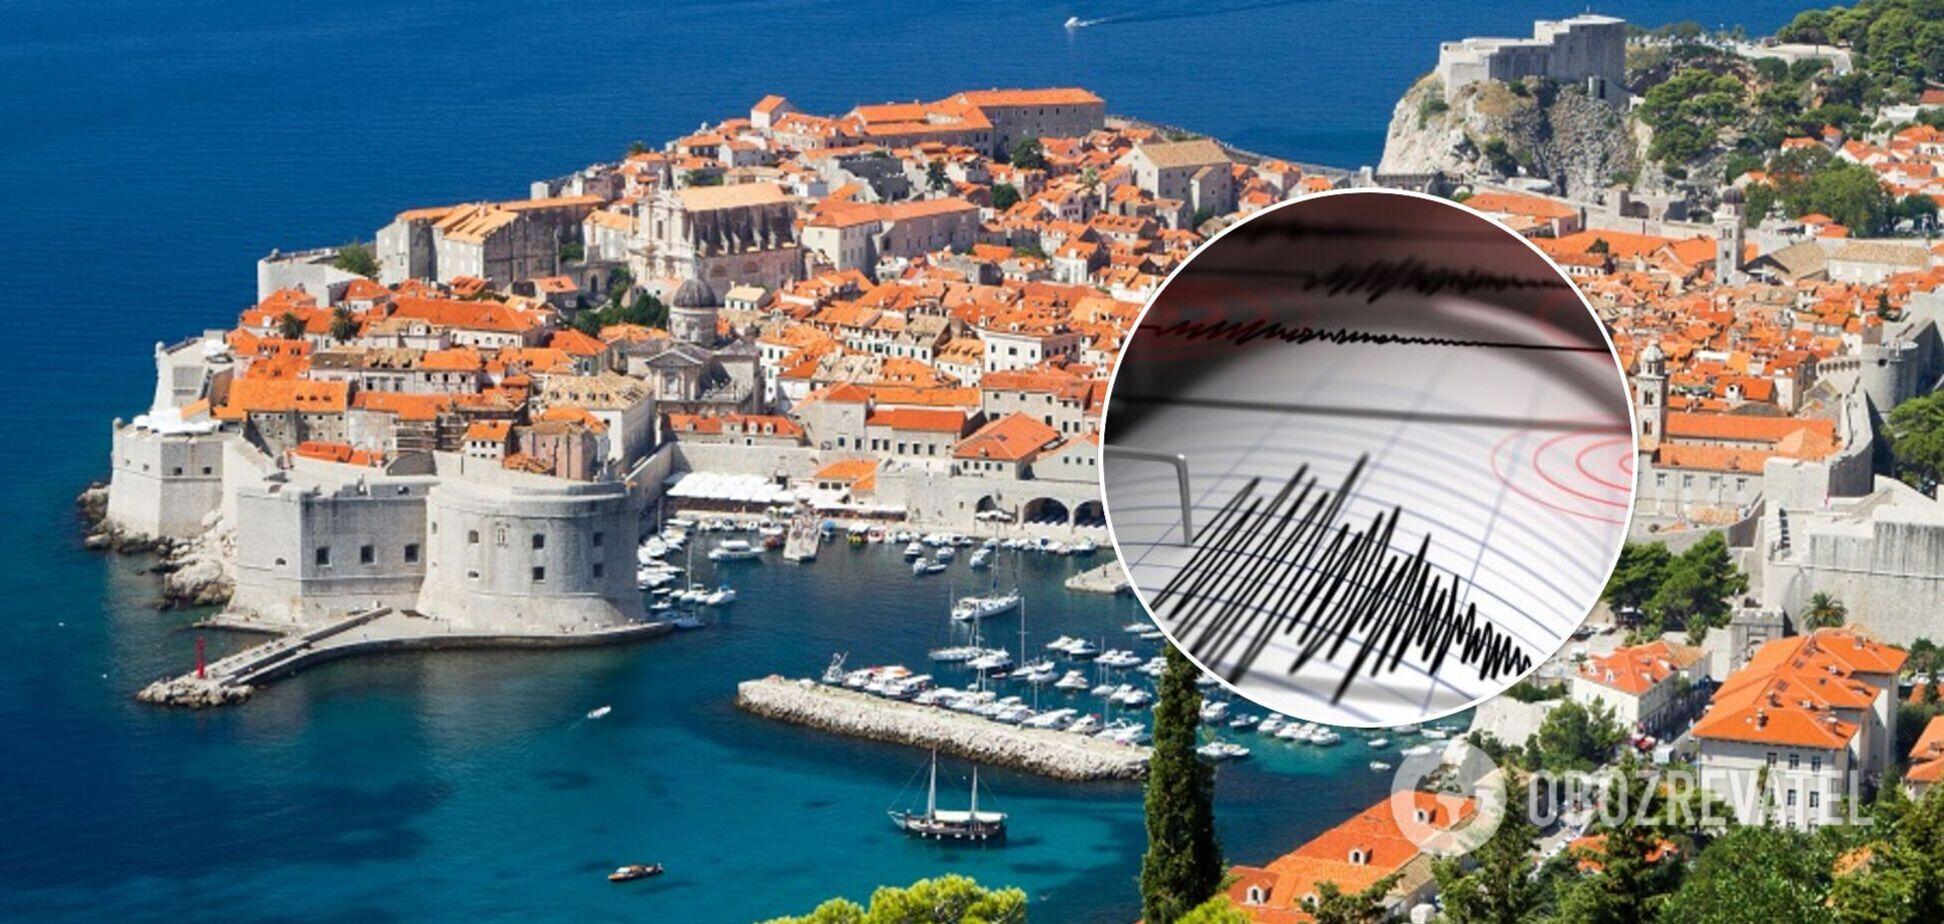 У Хорватії трапився потужний землетрус. Фото, відео та всі подробиці